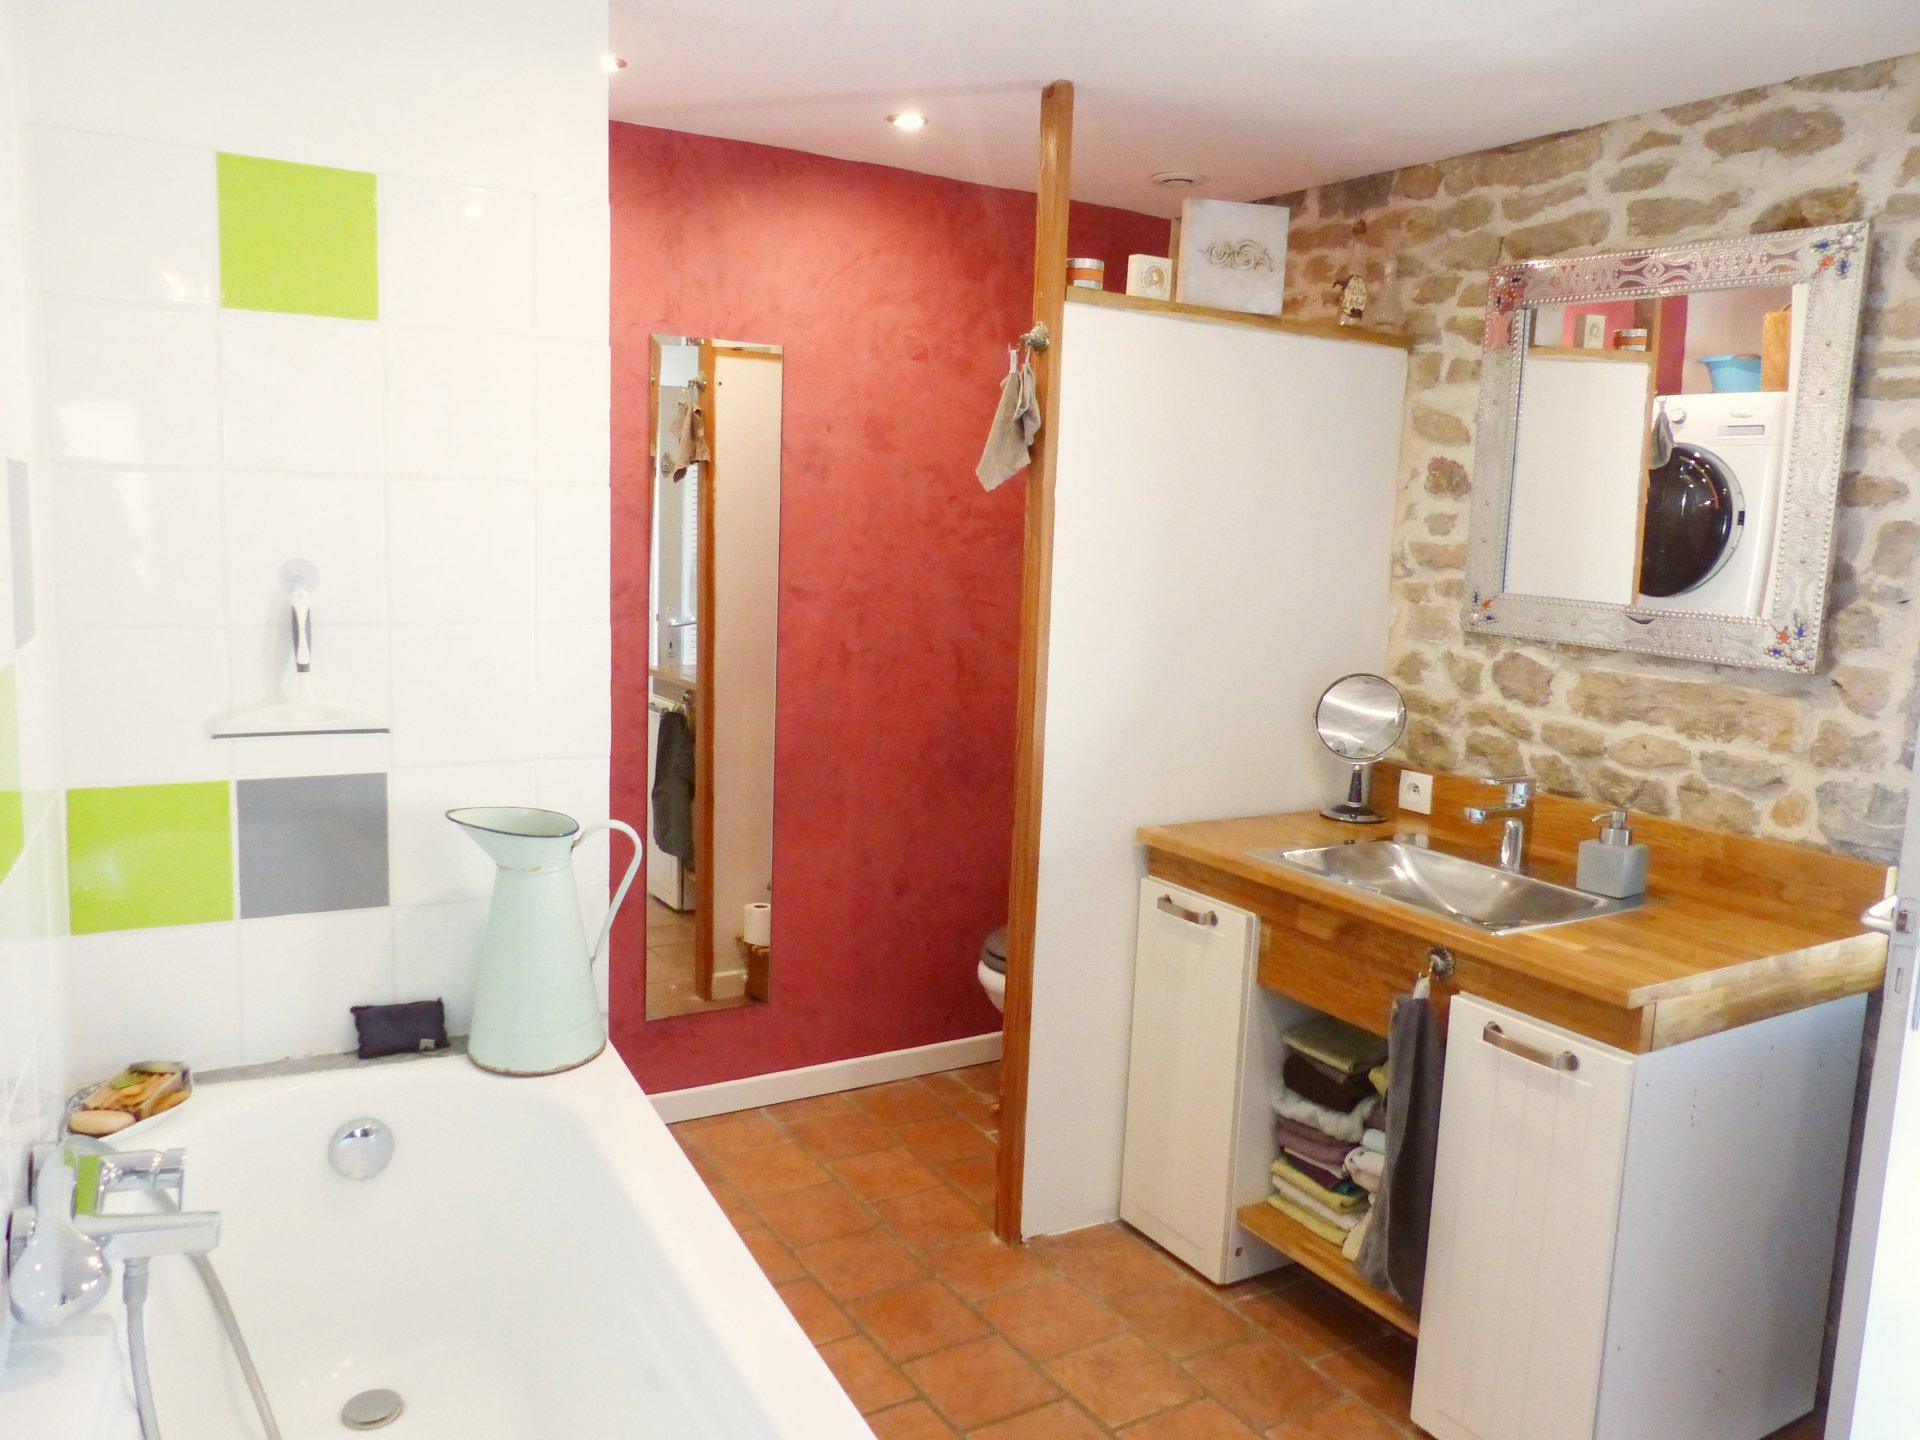 Sologny : petit village de l'Ouest Mâconnais, Venez découvrir cette charmante maison joliment rénovée et soigneusement entretenue d'une surface de 110 m². Elle se compose d'une lumineuse pièce de vie avec cuisine, d'un salon, de trois chambres, d'une salle de bains/toilette, d'une salle d'eau/toilette ainsi que d'une chambre d'invité de 12 m². Deux caves ainsi qu'une chaufferie complètent ce bien. Beaucoup de charme pour cette maison en pierre qui possède une vaste cour fermée ainsi qu'un terrain de 530 m² au pied de cette dernière. Honoraires à la charge du vendeur.